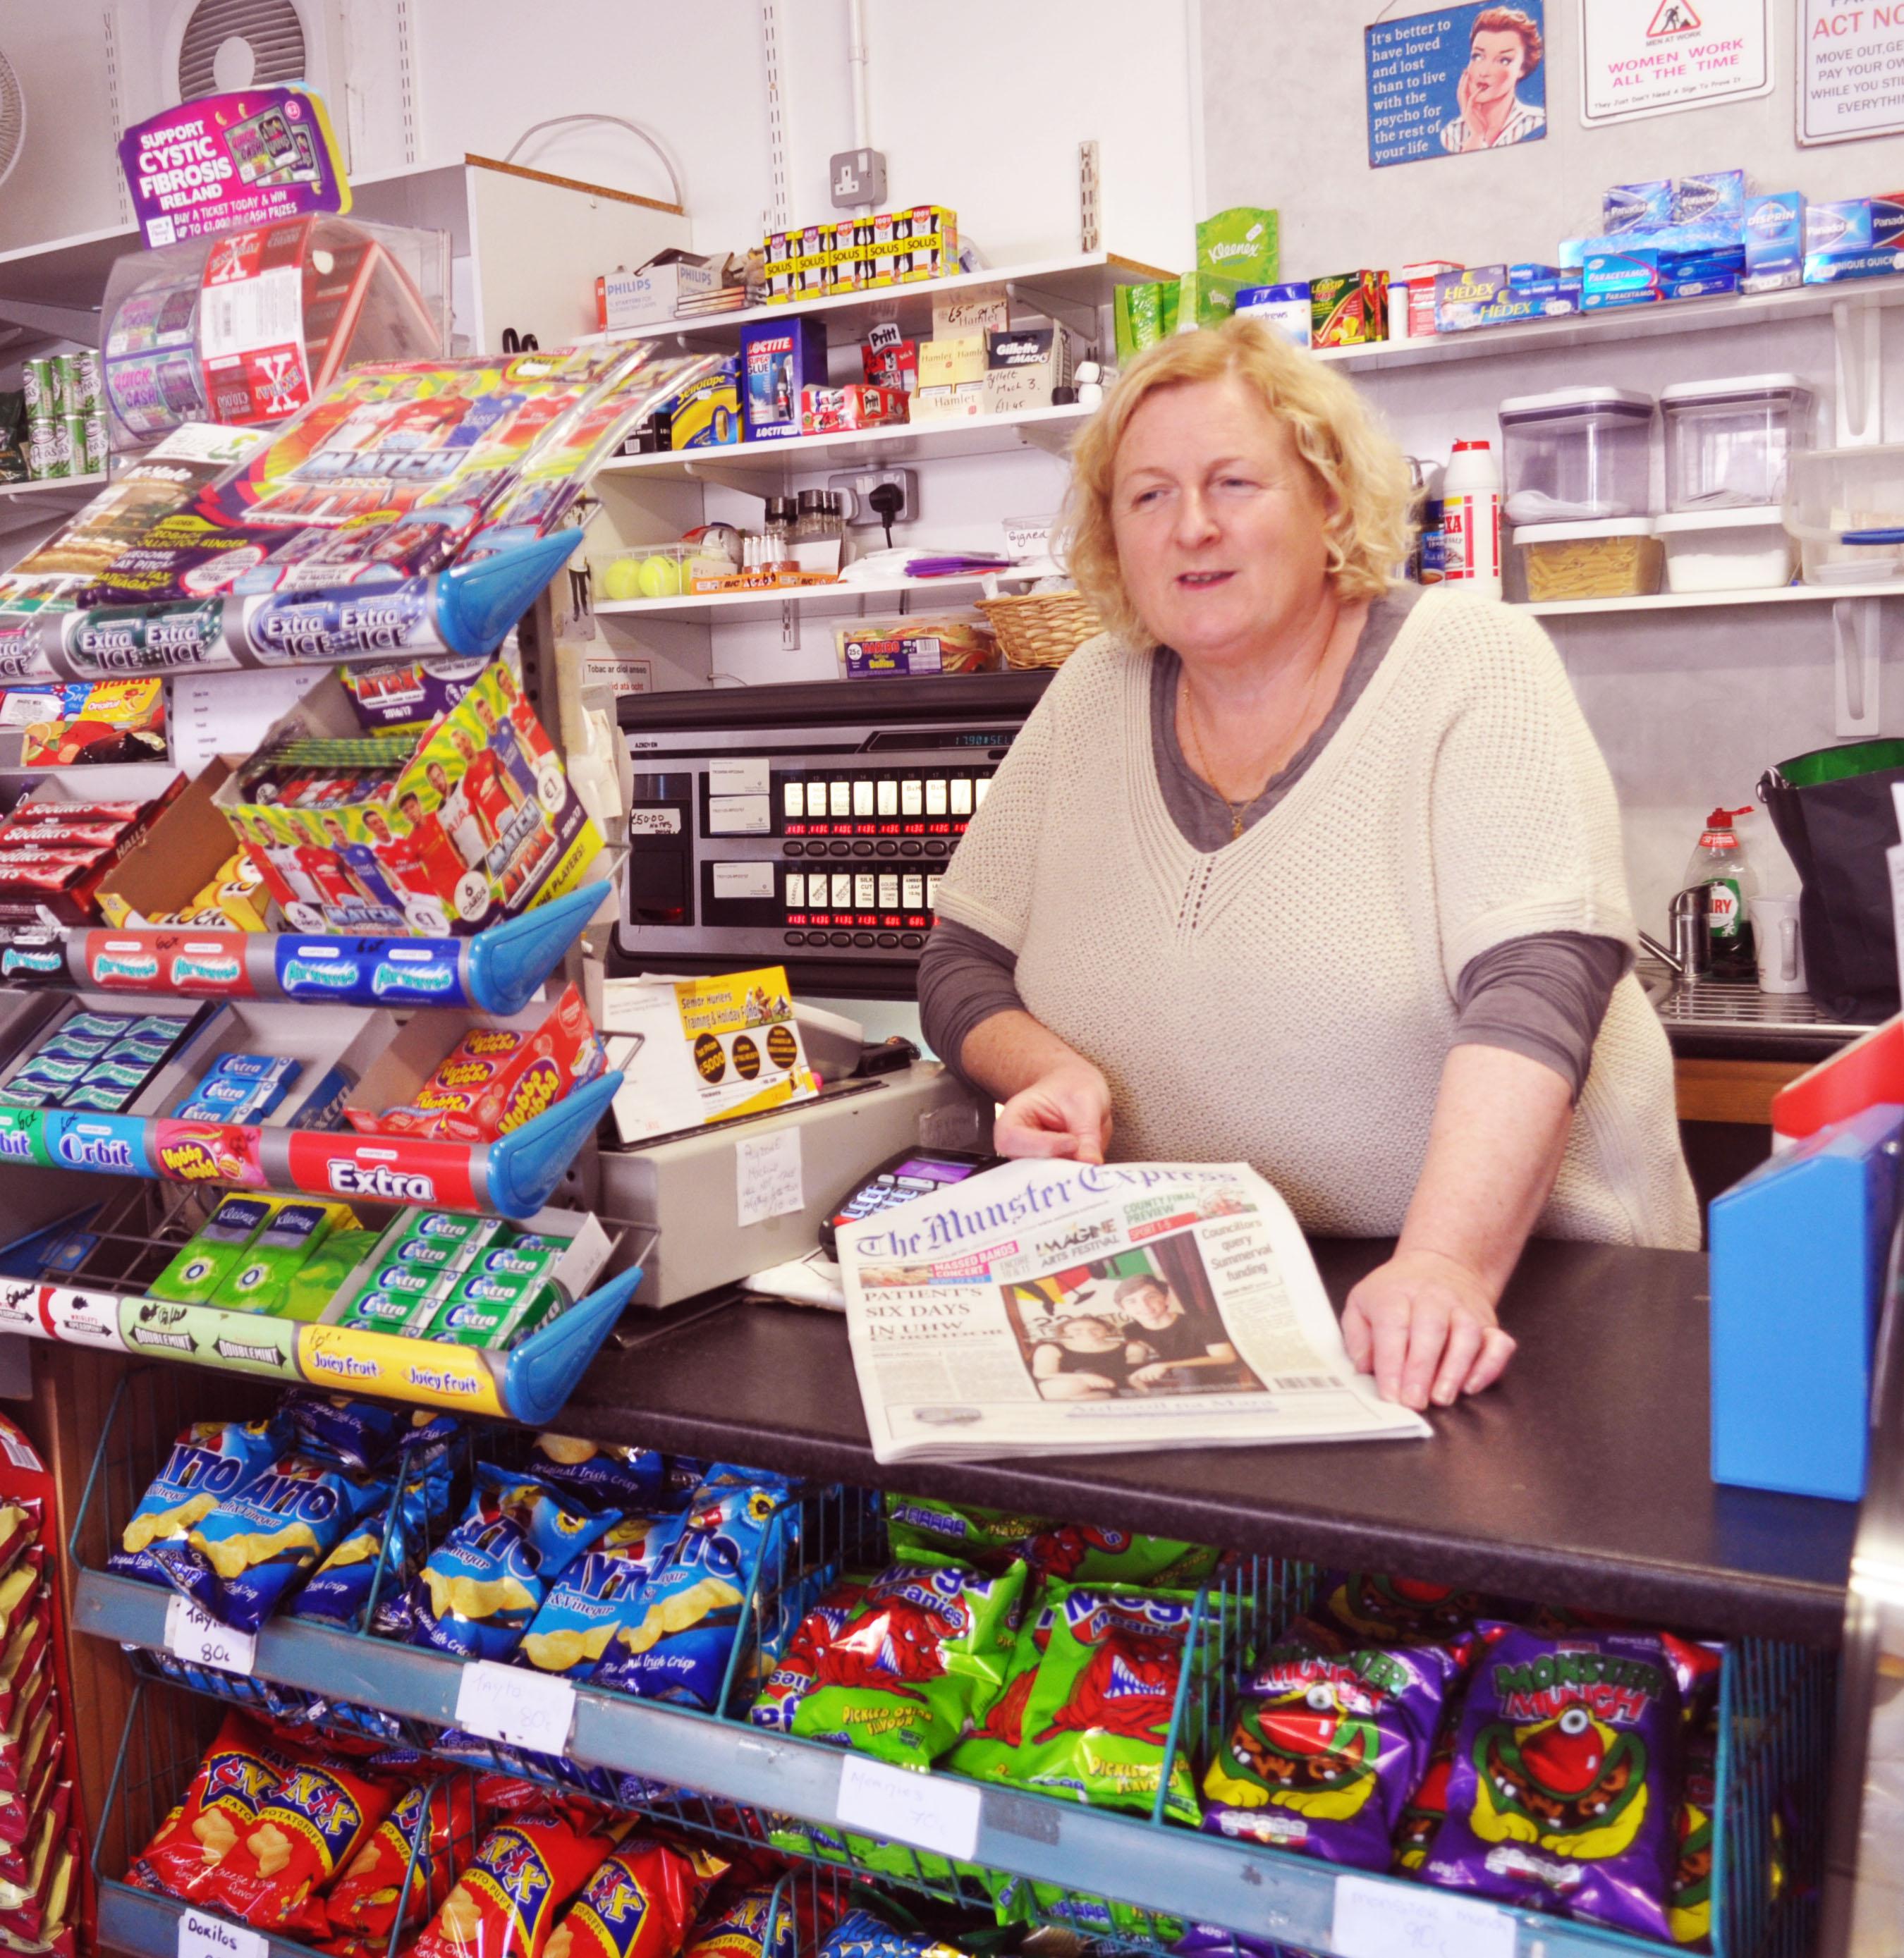 Noeleen Fogarty pictured in Noeleen's Village Shop.